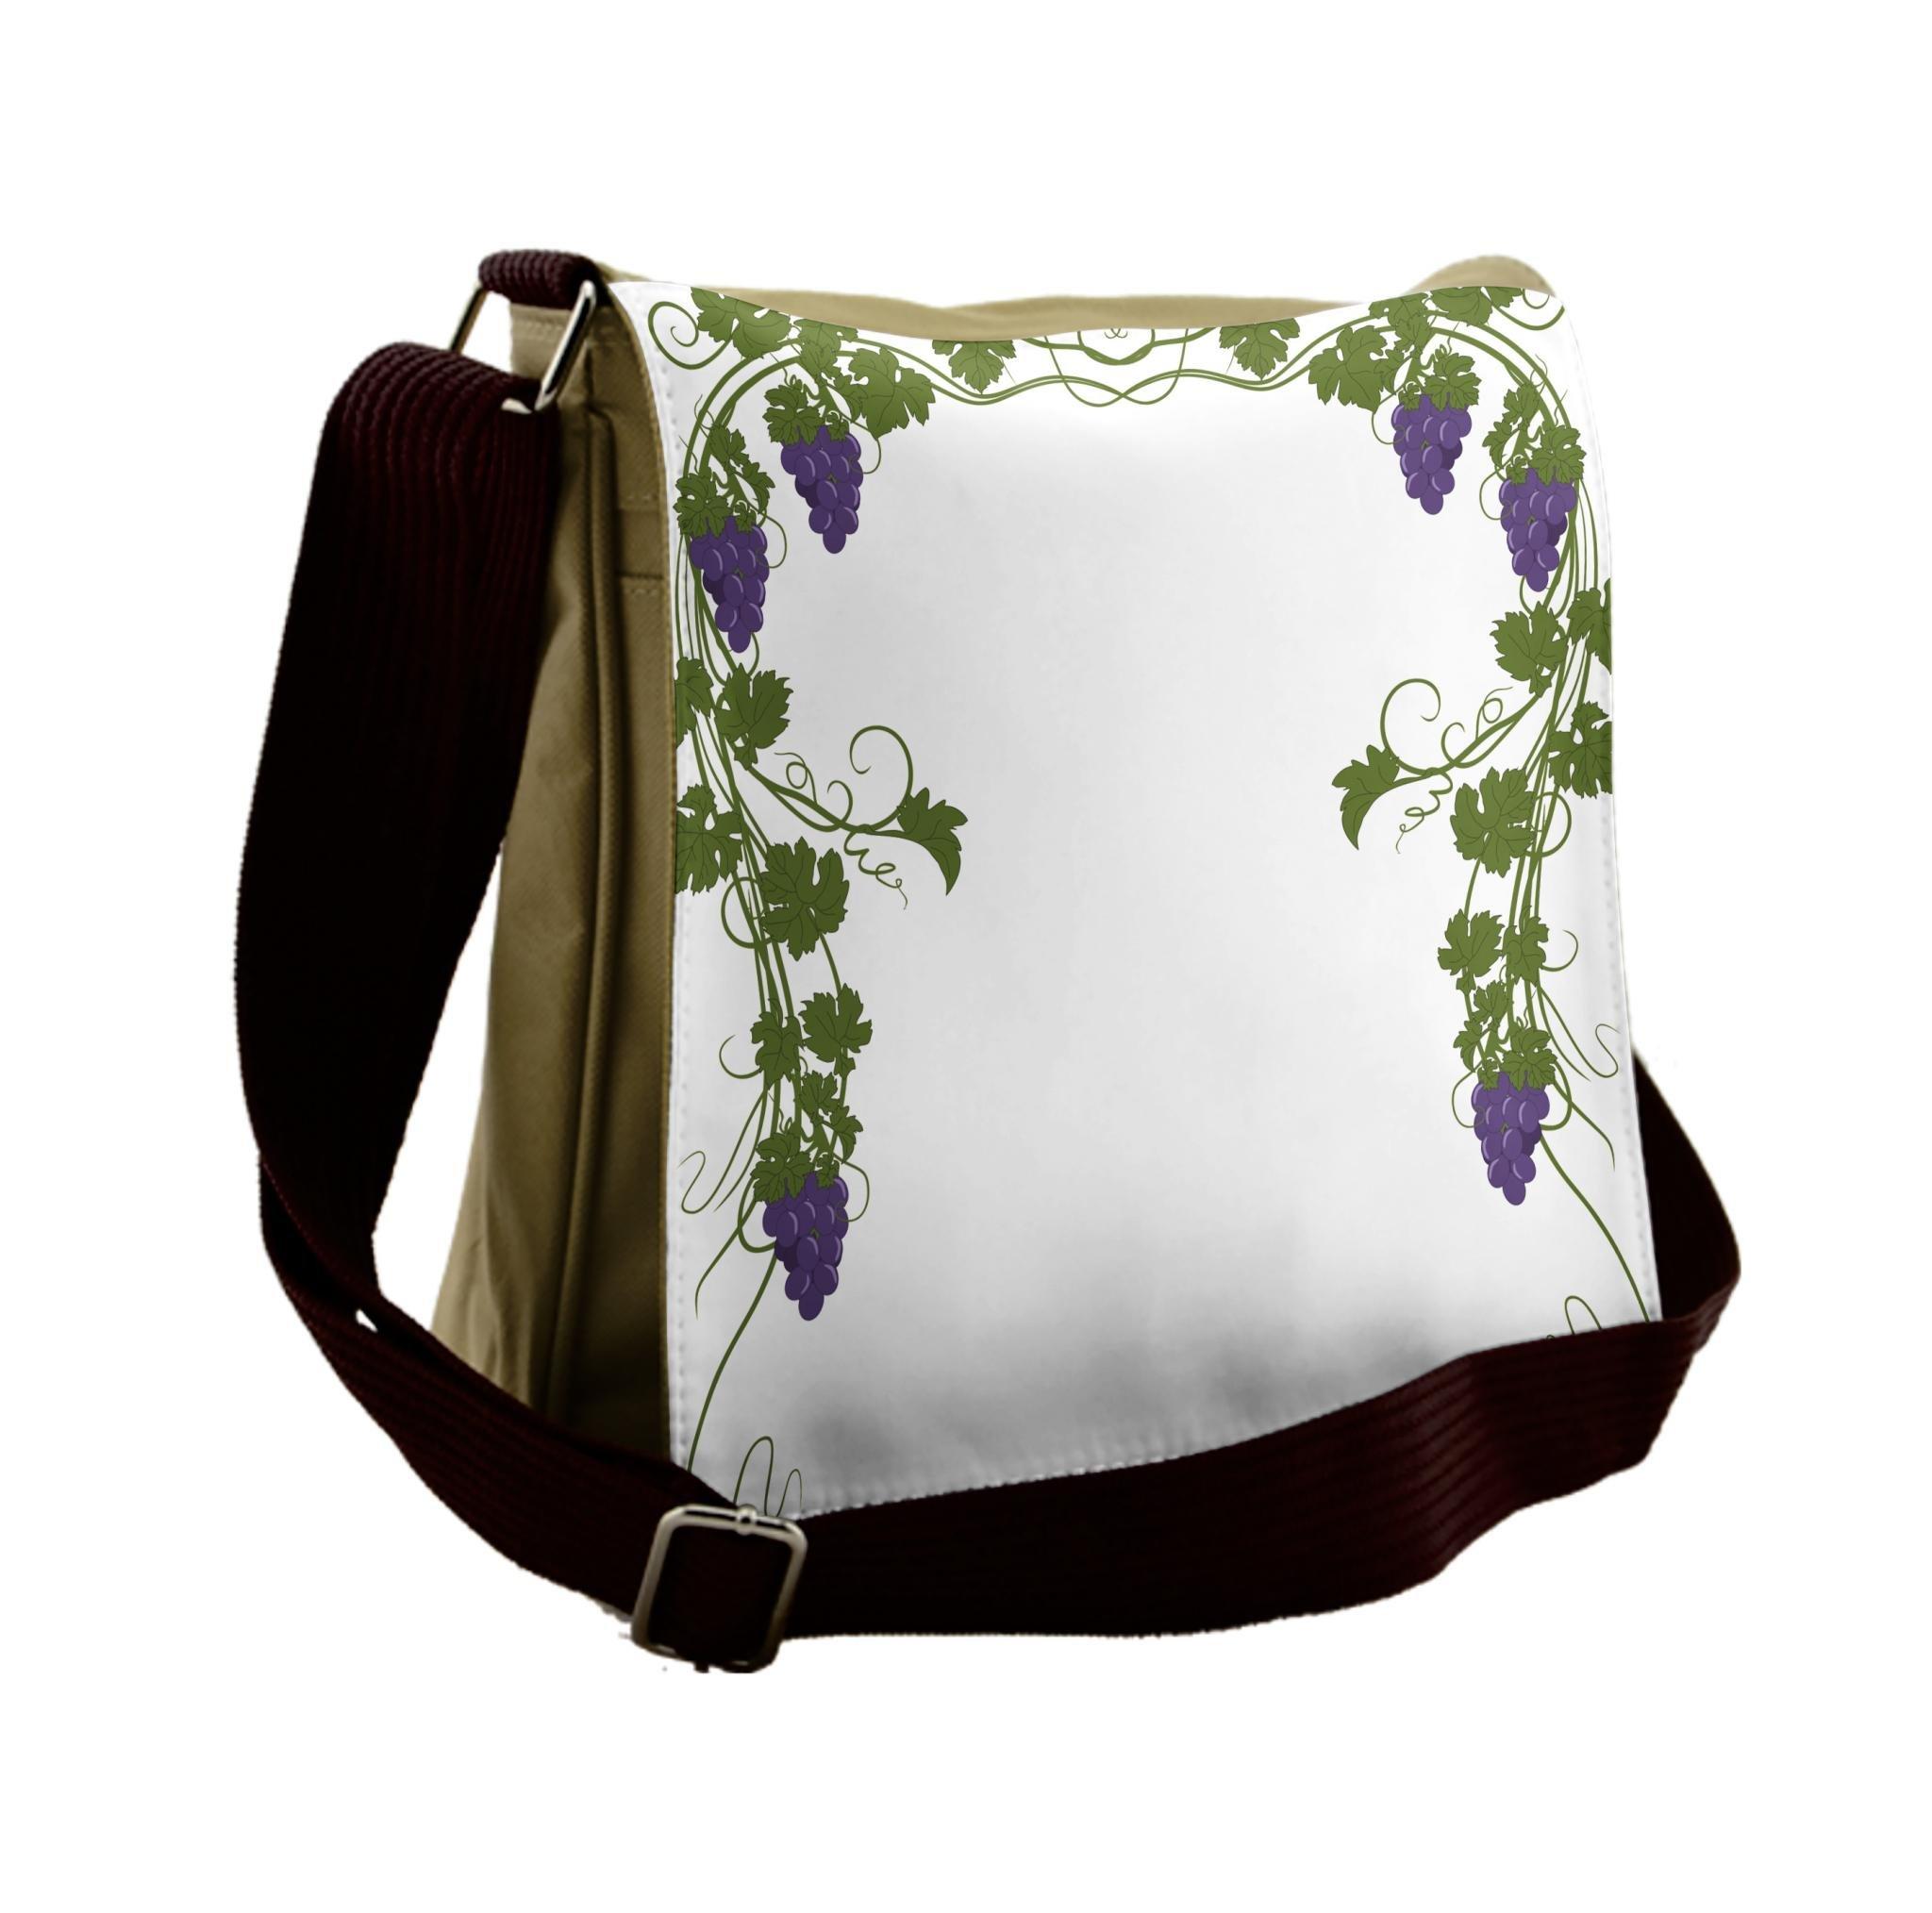 Lunarable Vine Messenger Bag, Wedding Inspired Green Gate, Unisex Cross-body